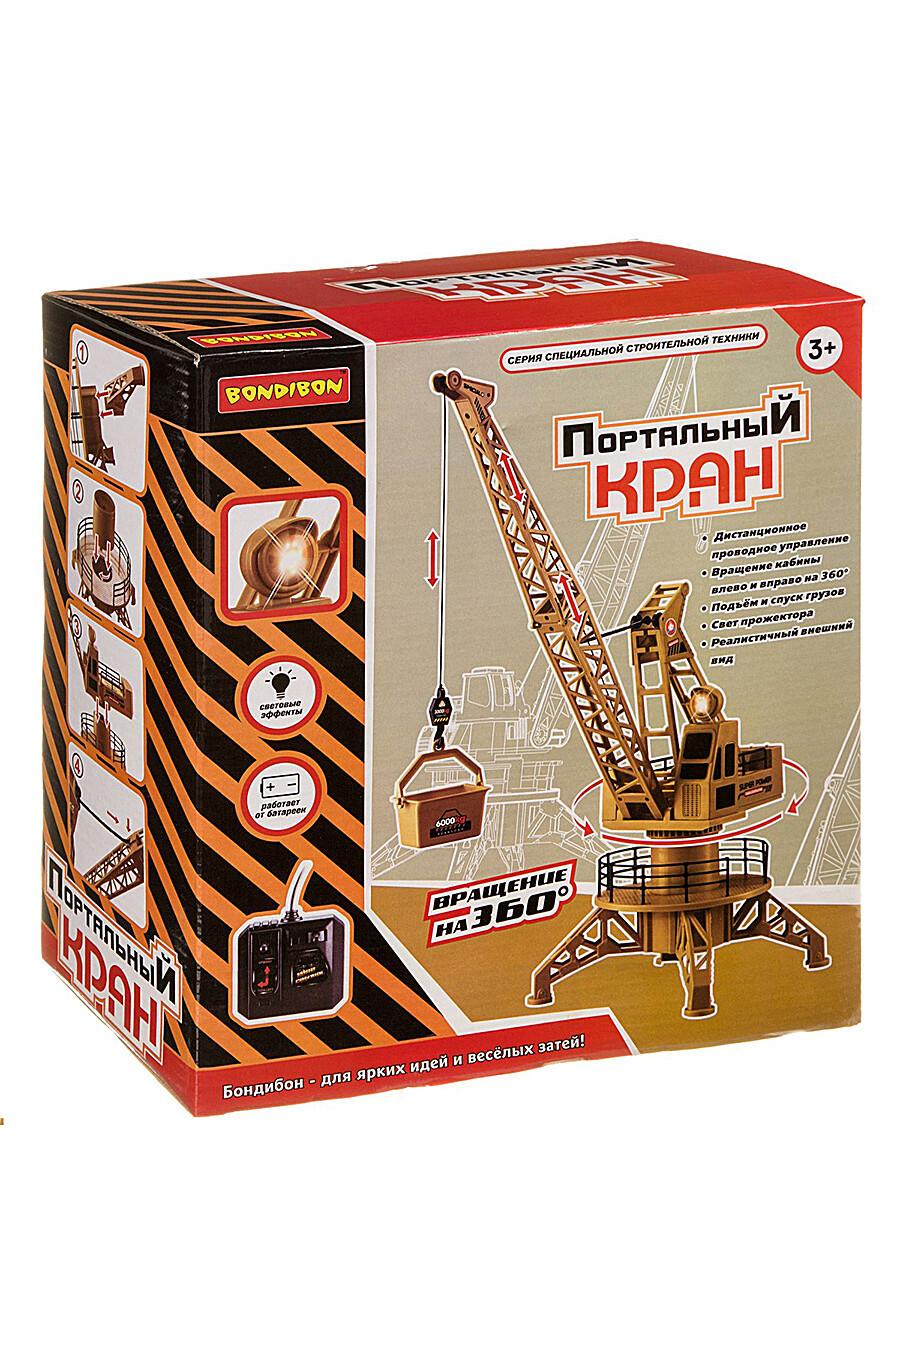 Кран портальный для детей BONDIBON 157339 купить оптом от производителя. Совместная покупка игрушек в OptMoyo